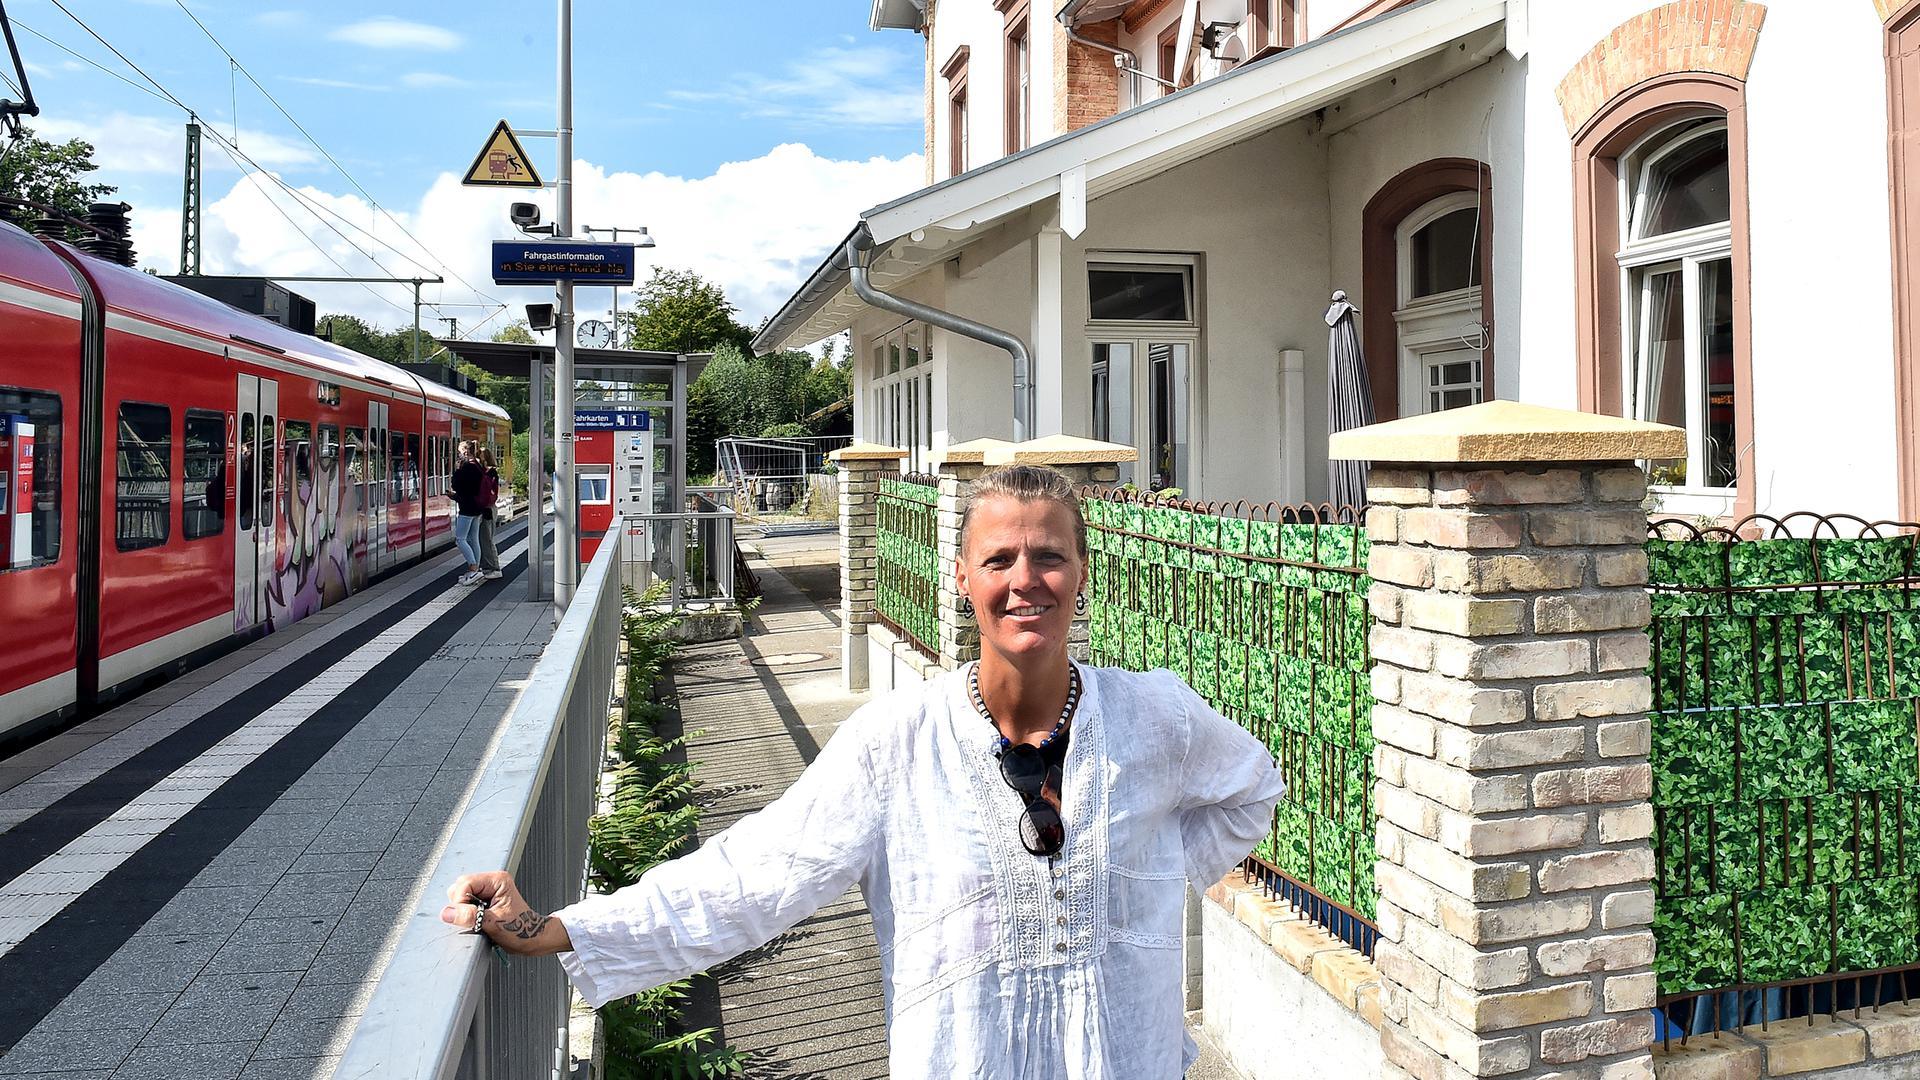 Randi Michels steht vor ihrem Bahnhofsgebäude in Rheinsheim. Im Hintergrund steigen Menschen in einen roten Zug ein.